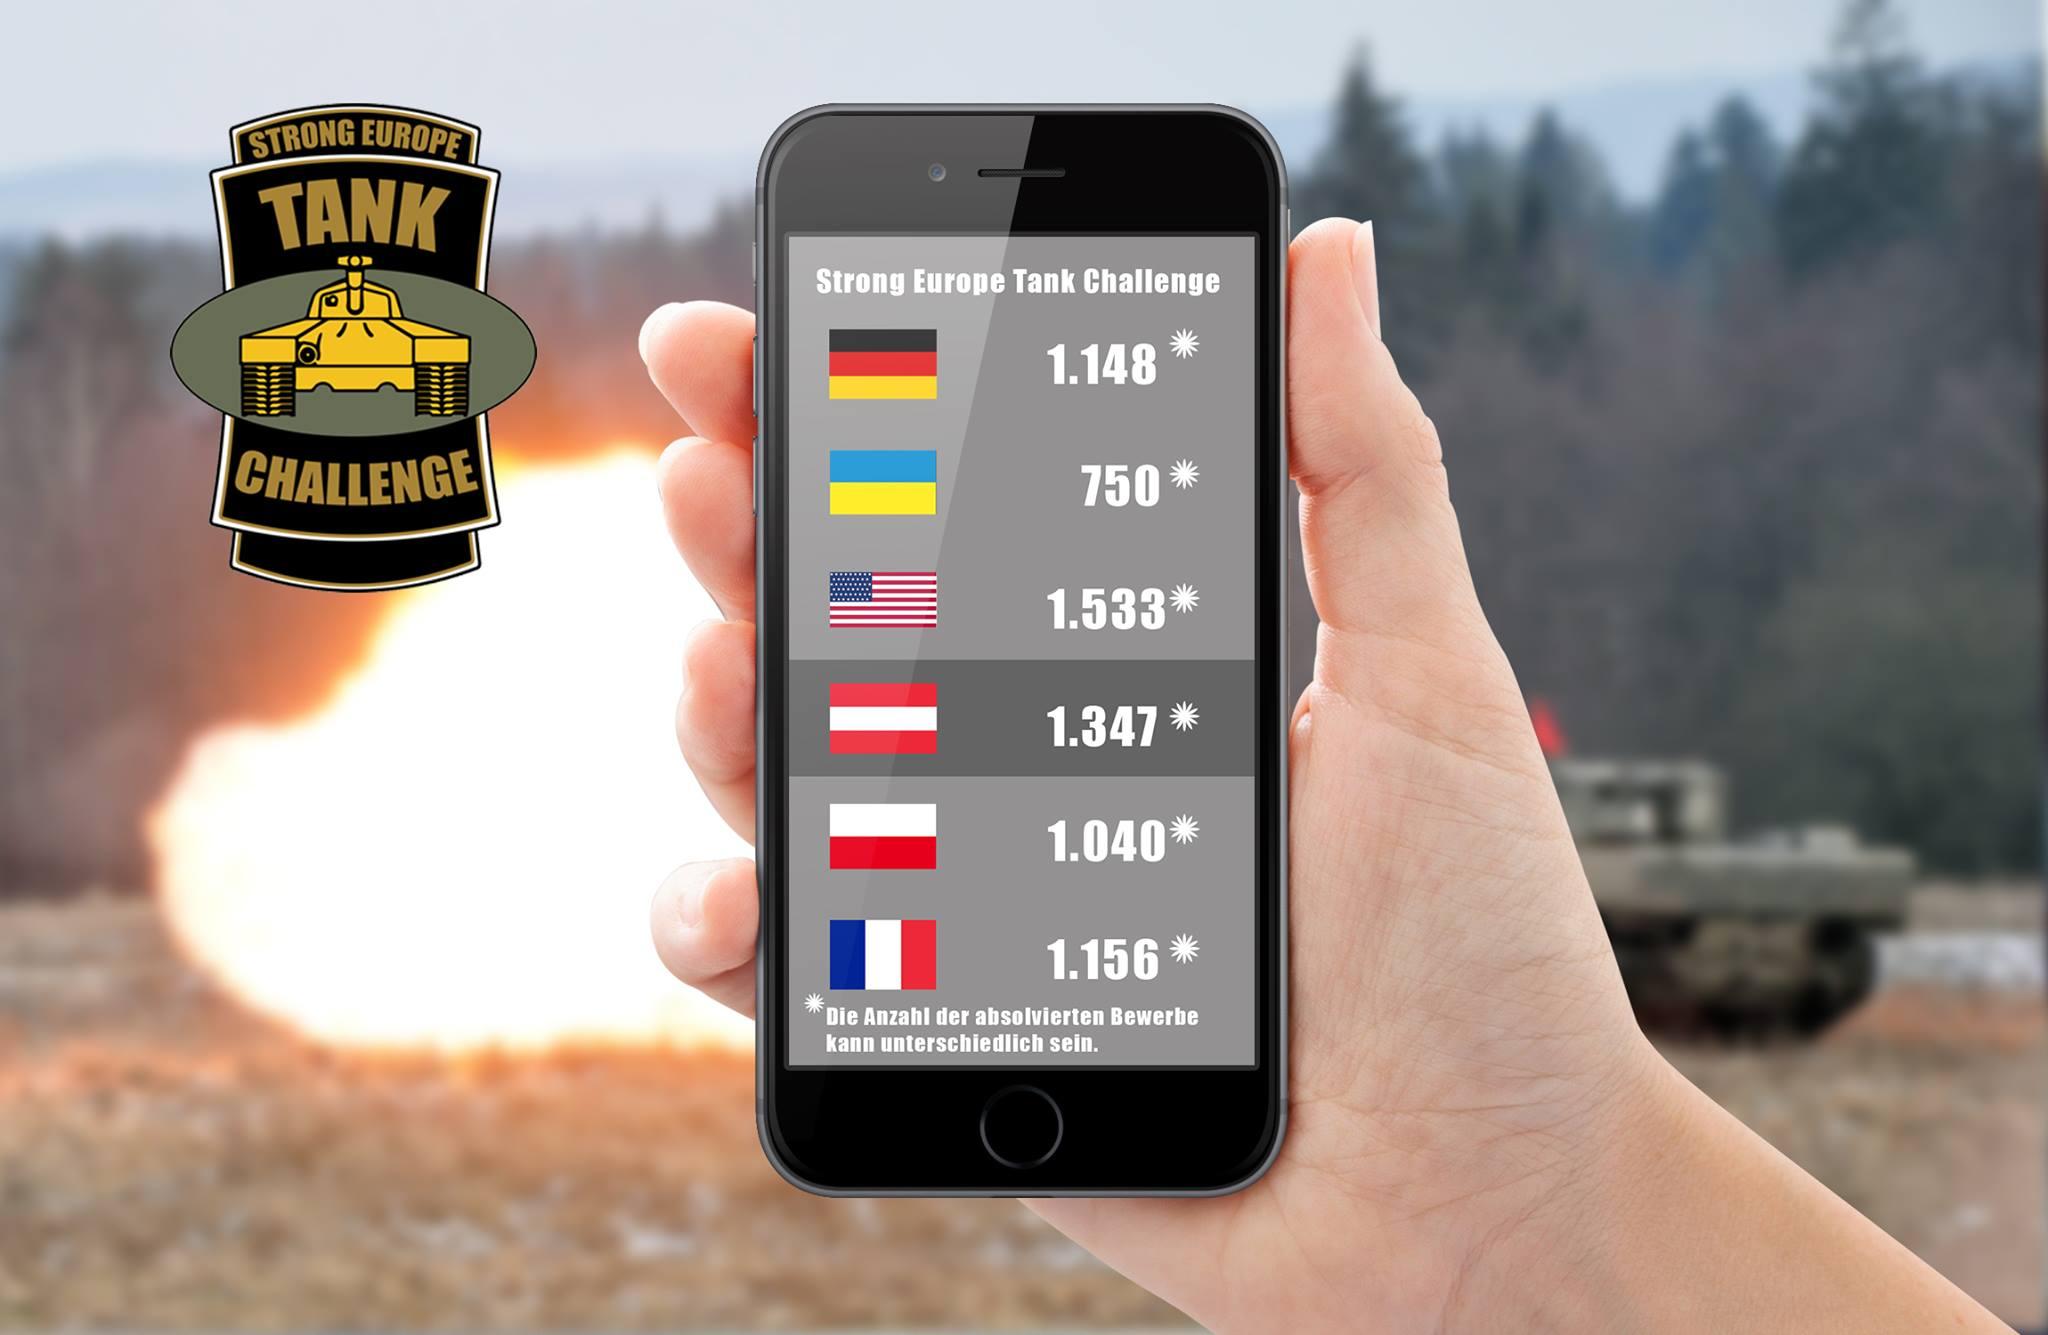 Украинская команда идет последней на европейских танковых соревнованиях Strong Europe Tank Challenge